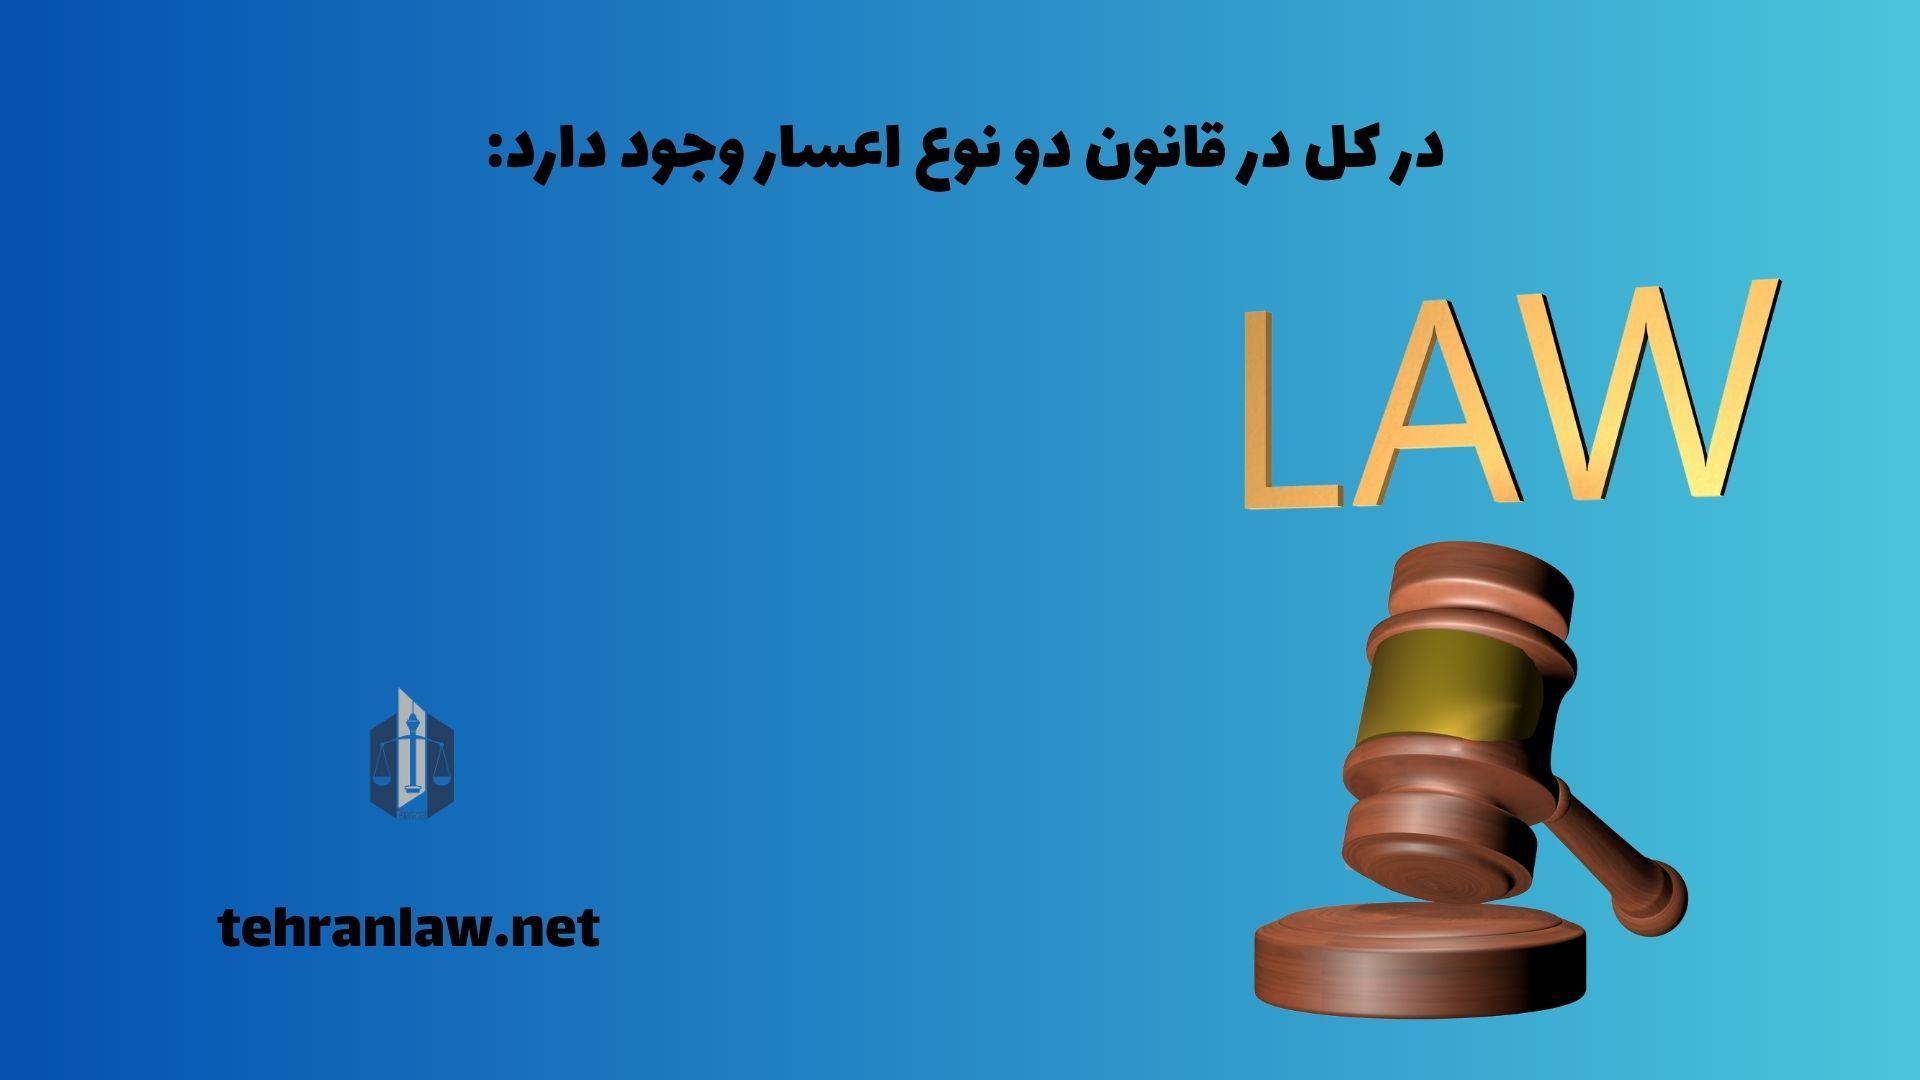 در کل در قانون دو نوع اعسار وجود دارد: